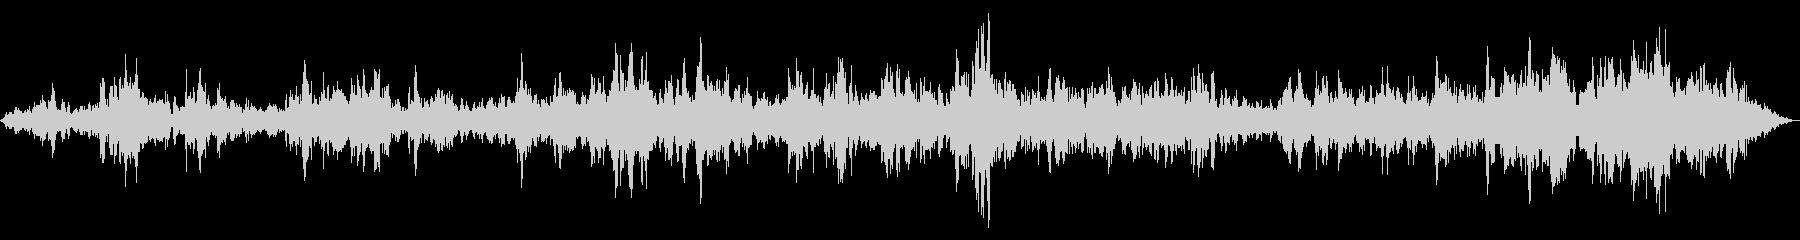 HUM OF VOICES、レスト...の未再生の波形